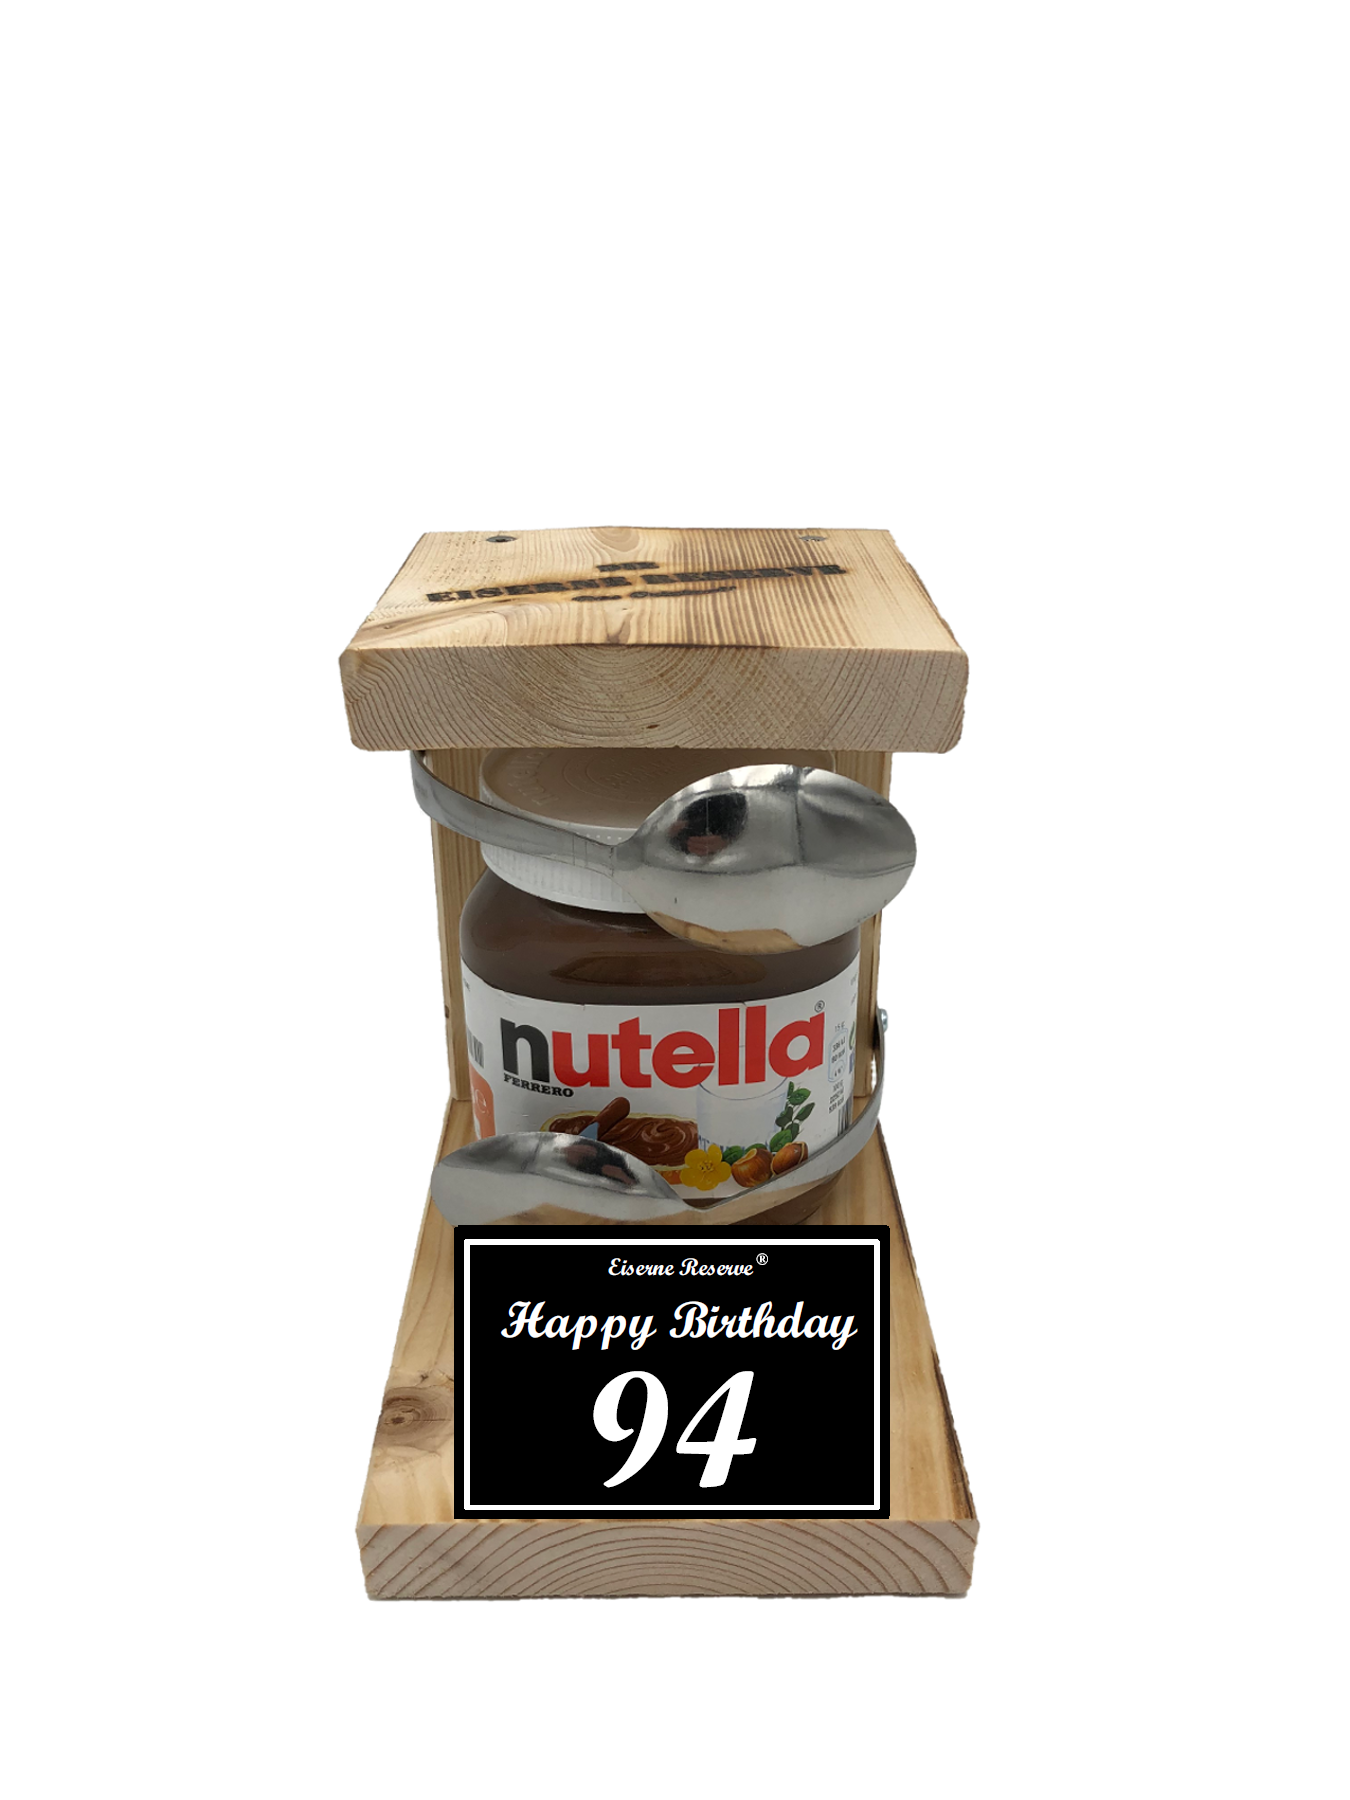 94 Happy Birthday Löffel Nutella Geschenk - Die Nutella Geschenkidee